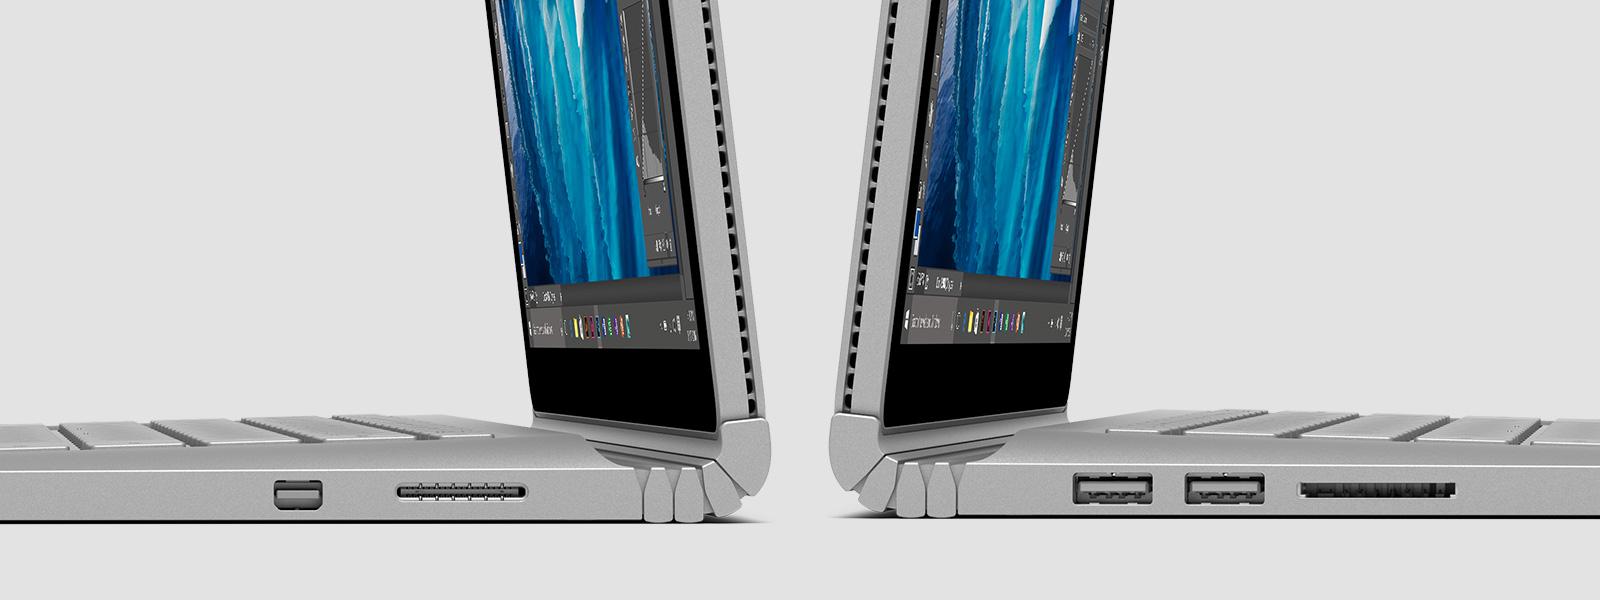 接合部と接続ポートが見える側面から見た、背中合わせにした 2 つの Surface Book